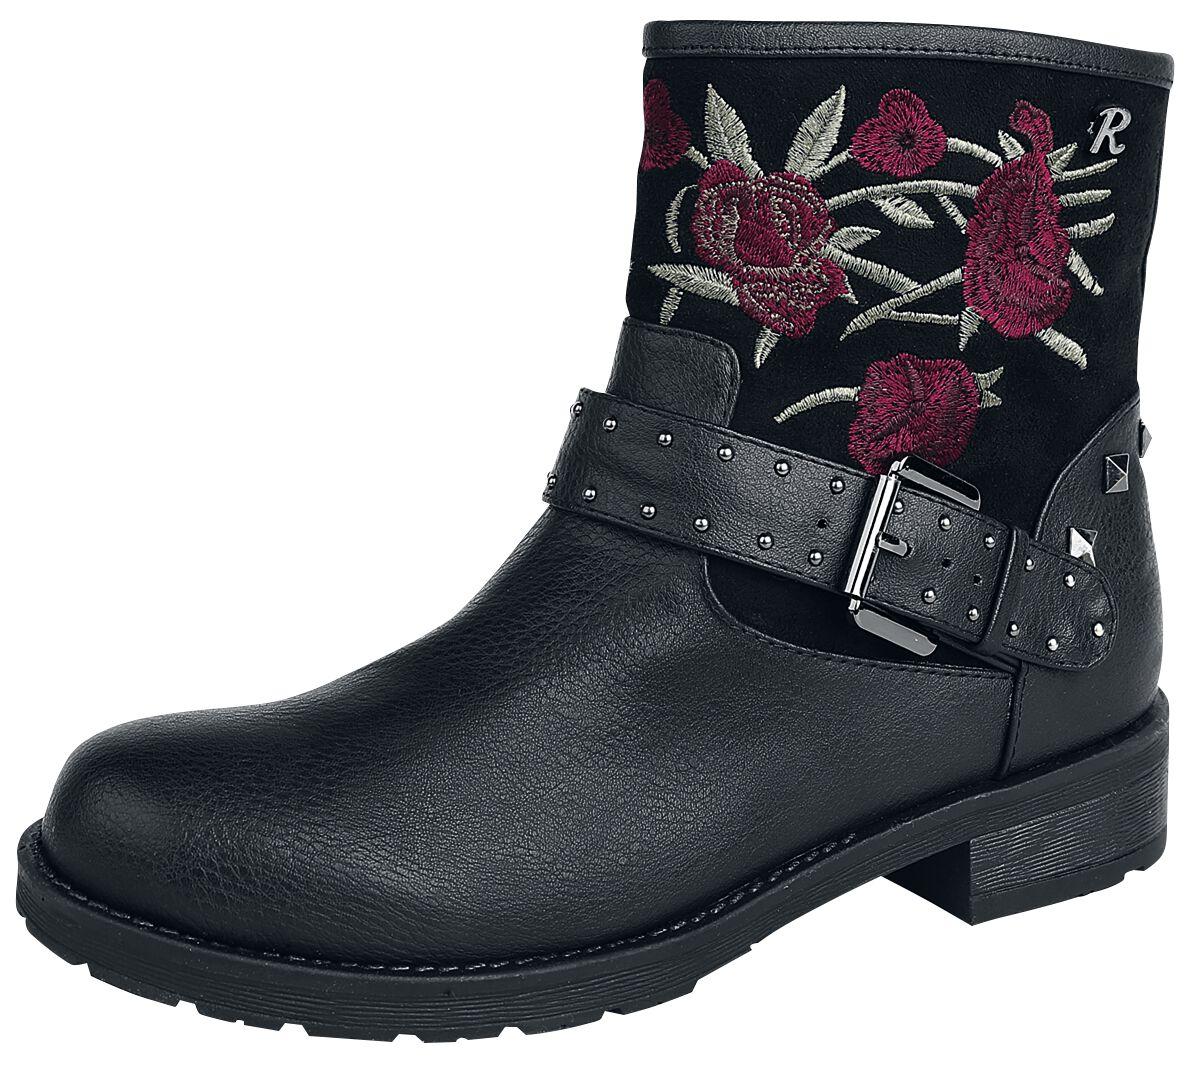 Stiefel für Frauen - Refresh Black Rose Boot Boots schwarz  - Onlineshop EMP